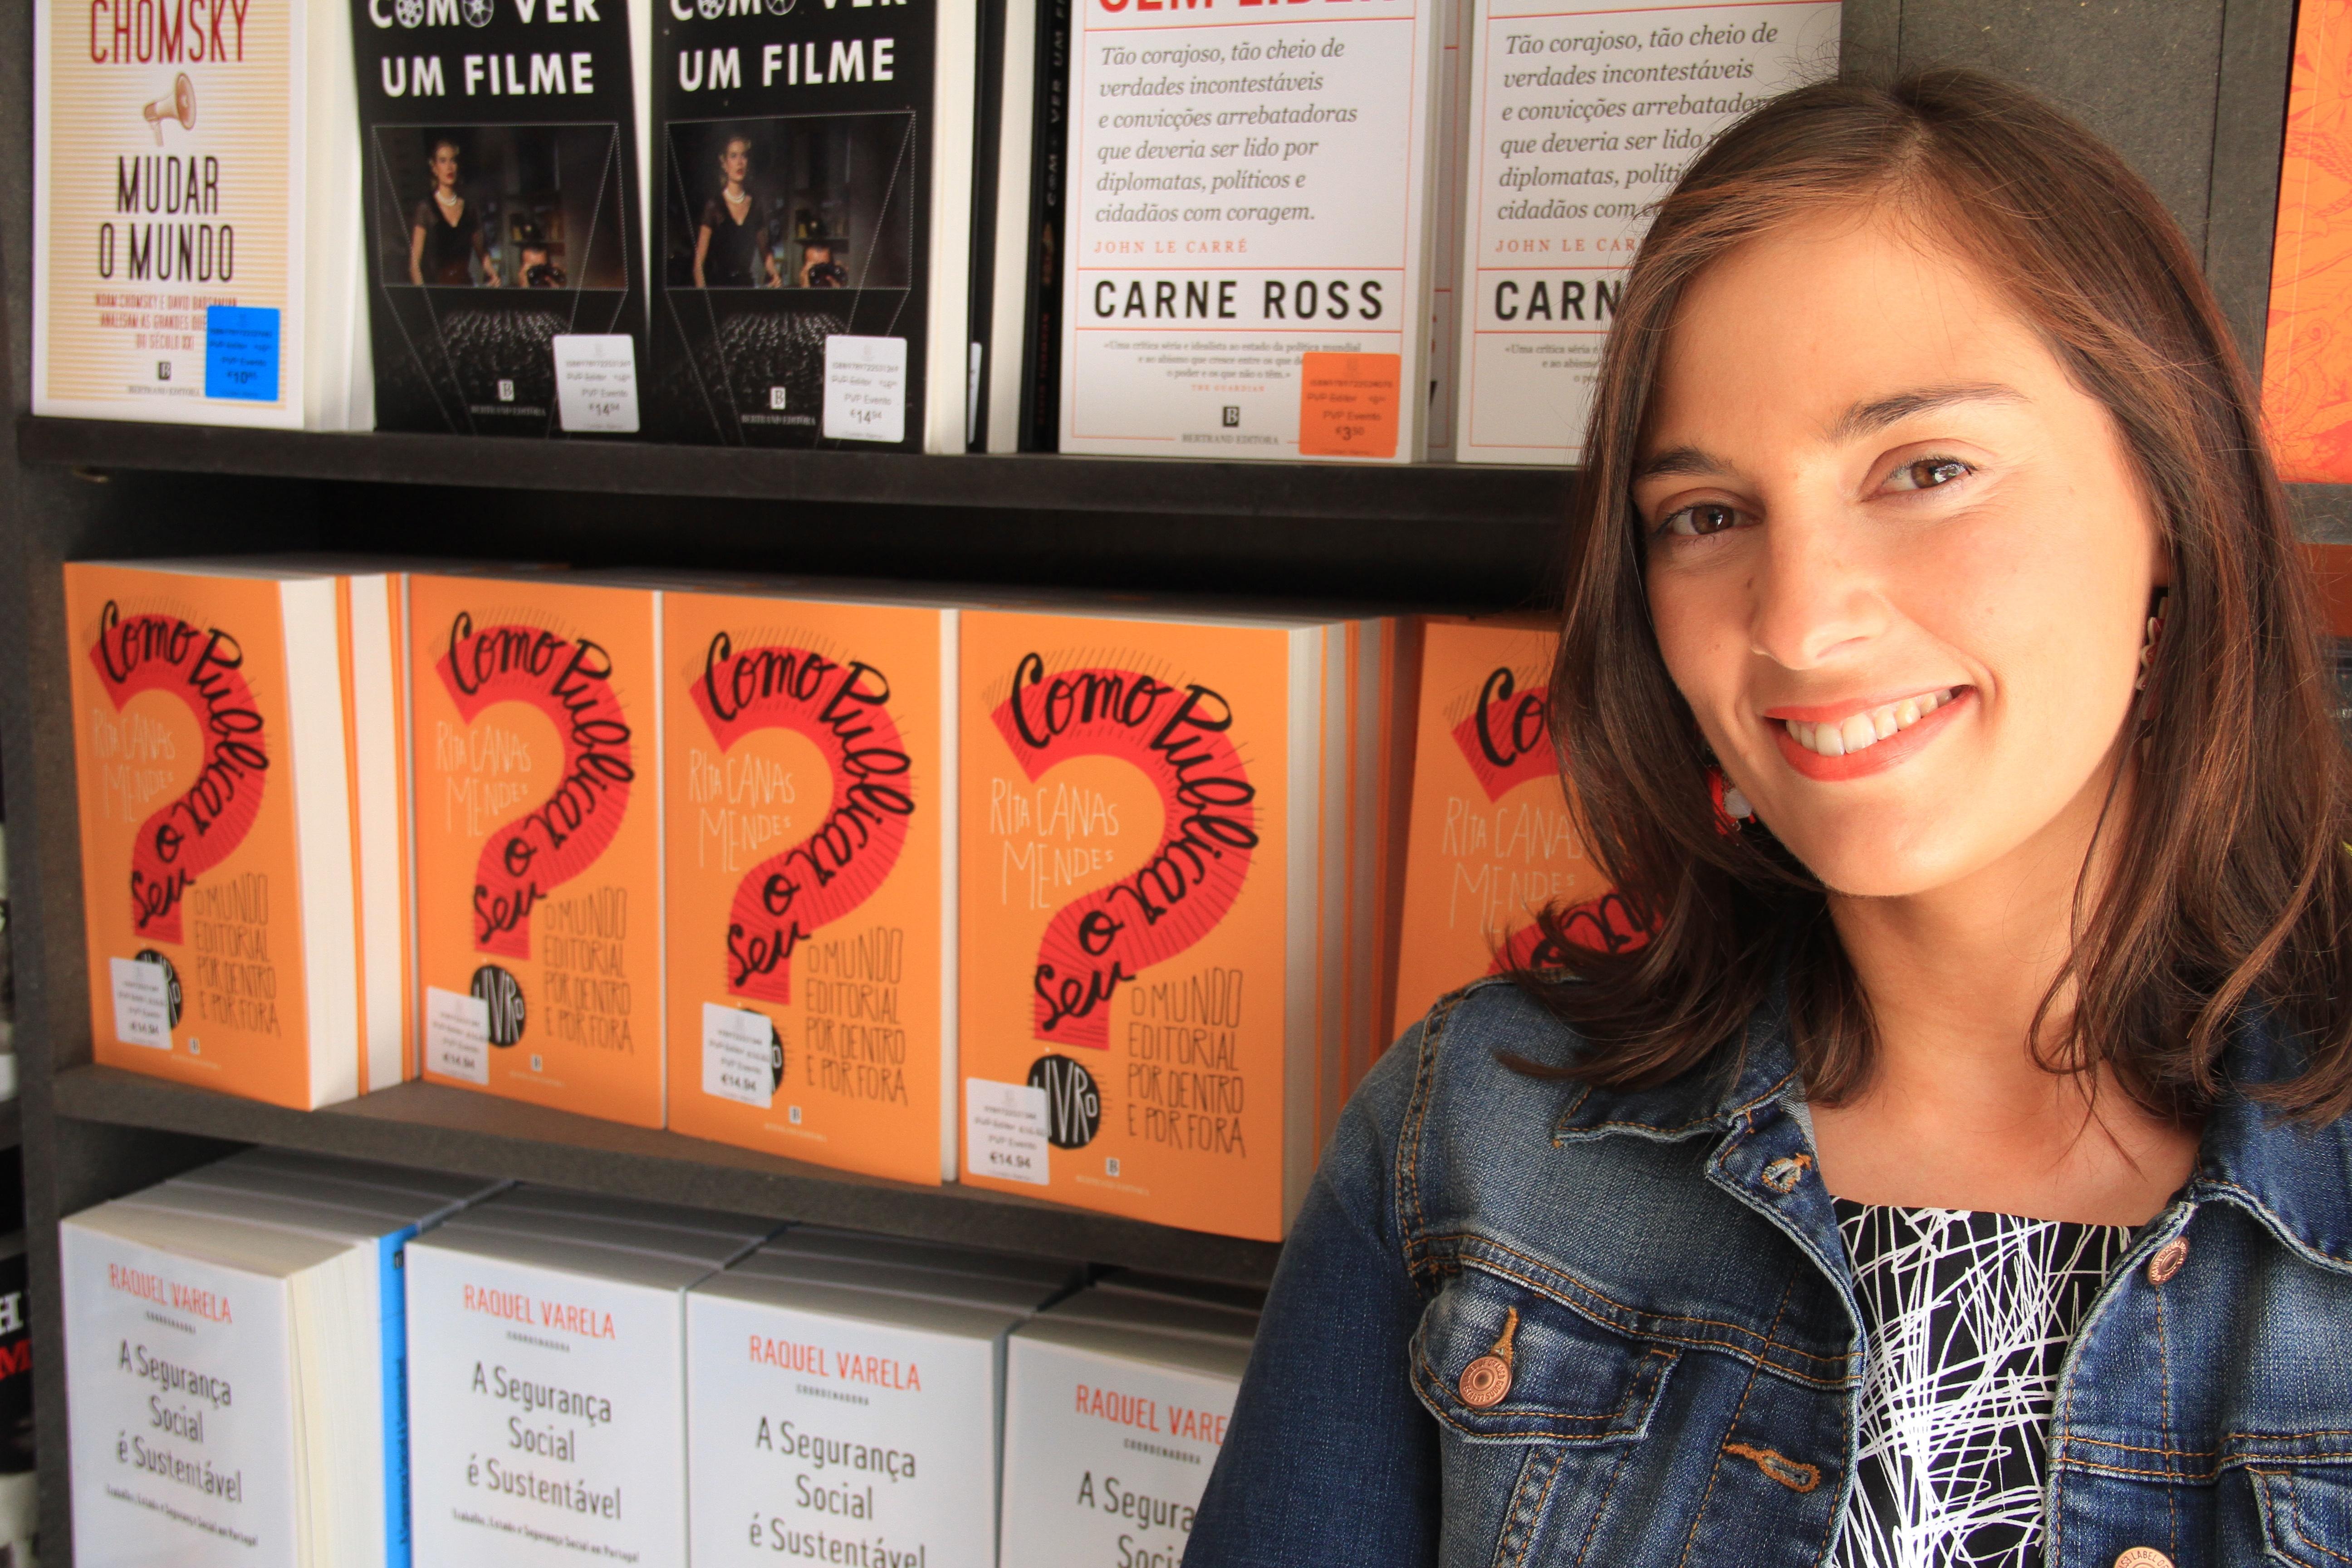 Entrevista: Rita Canas Mendes - conselhos para publicar com qualidade